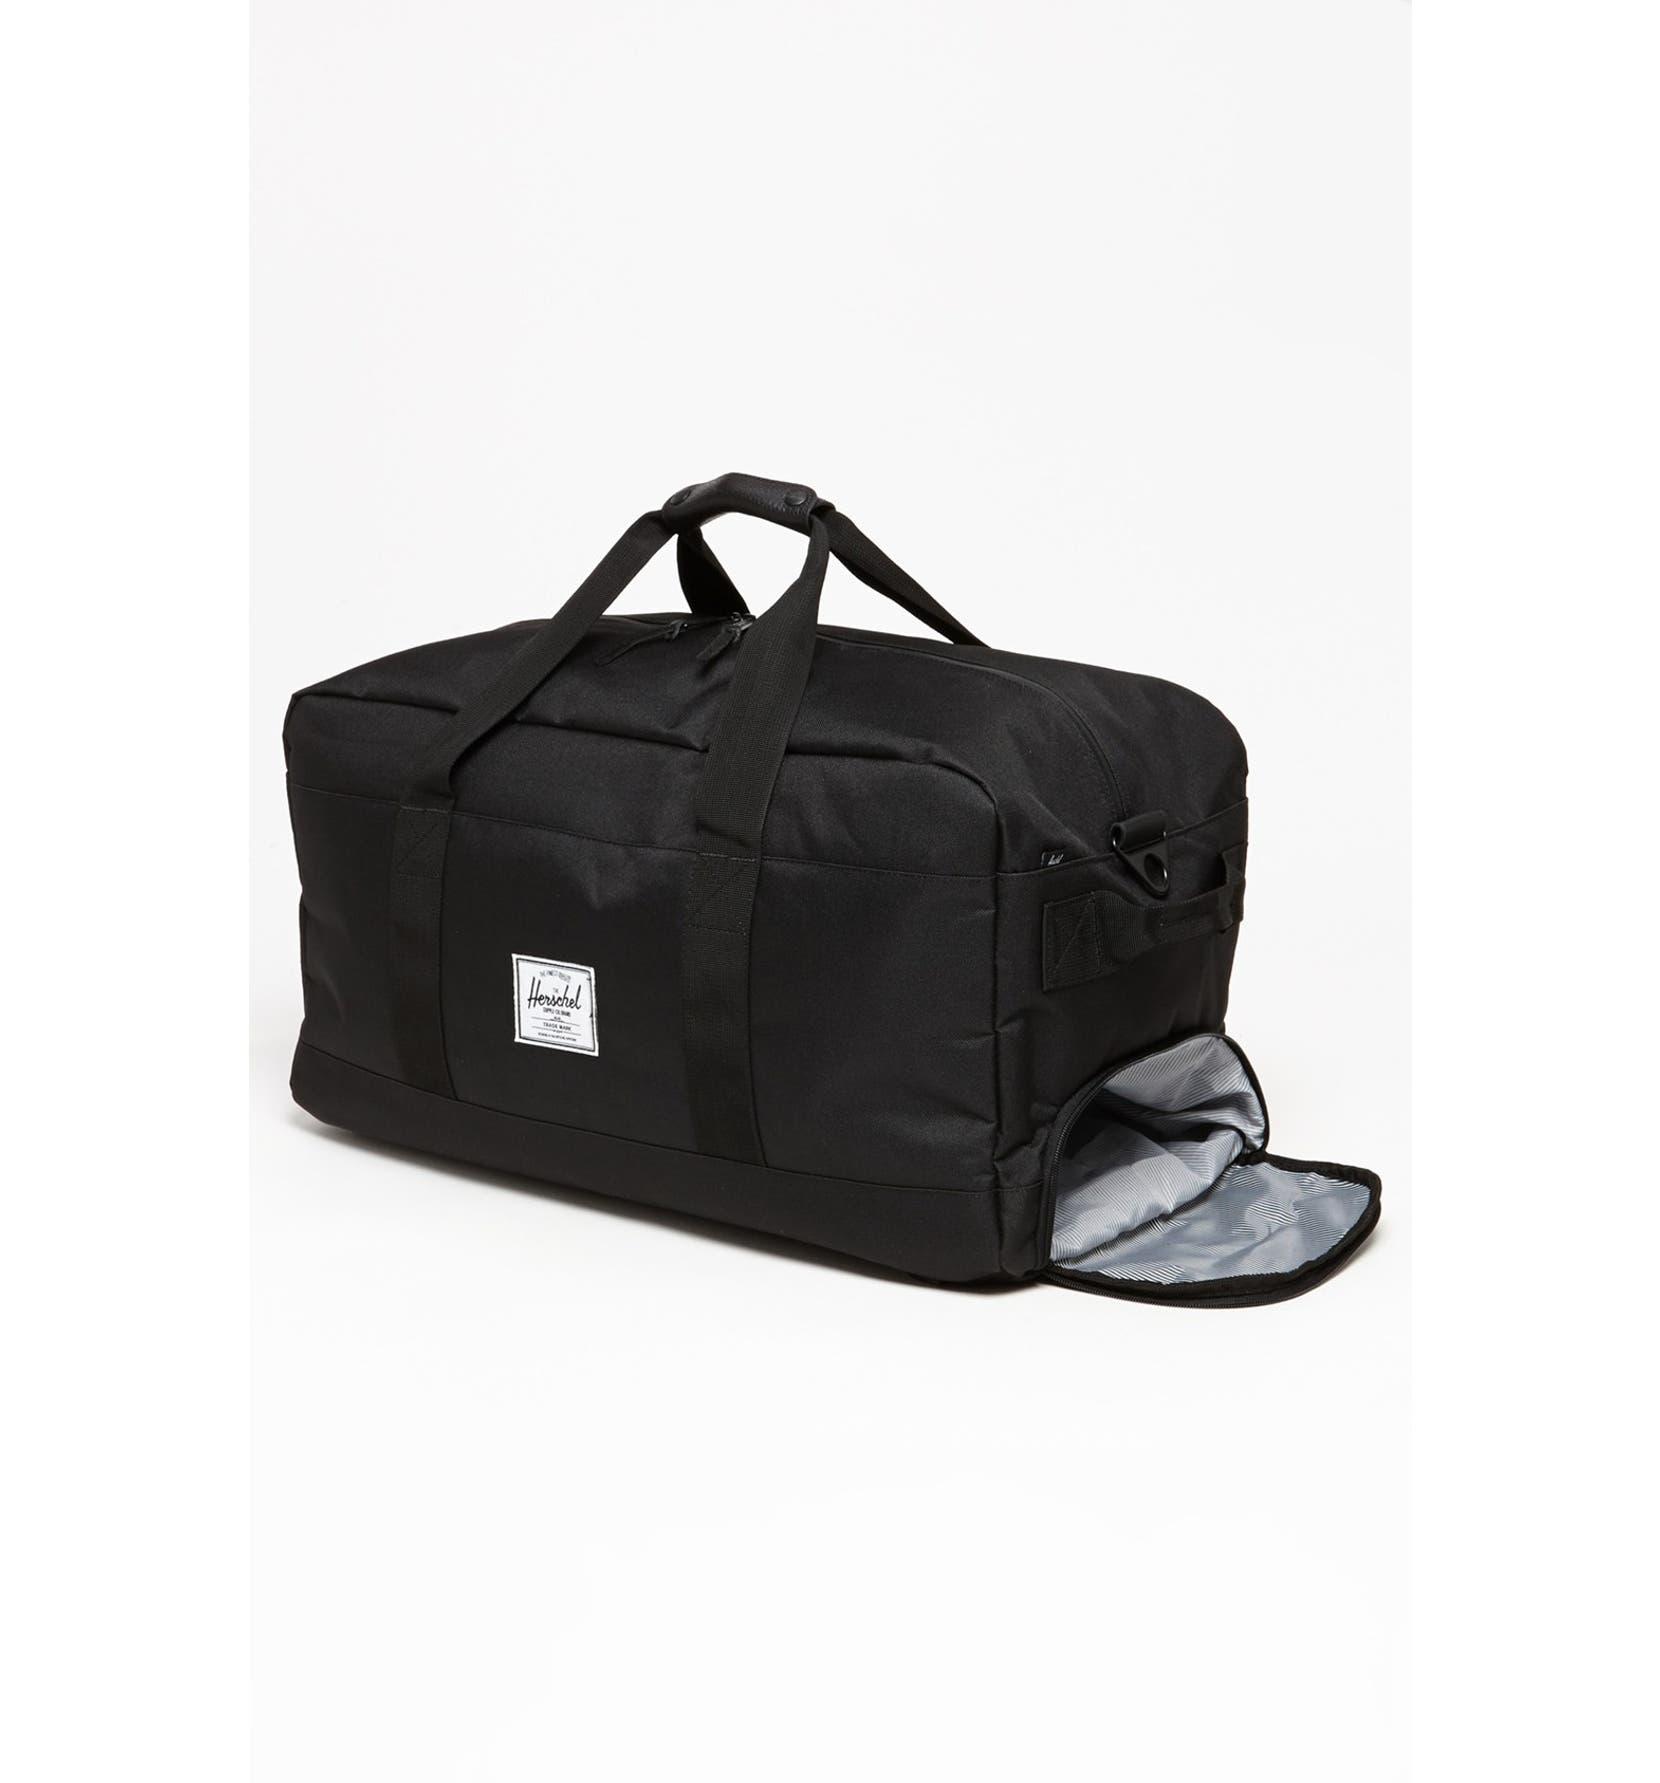 9881a88bb72a Herschel Supply Co.  Outfitter  Duffel Bag